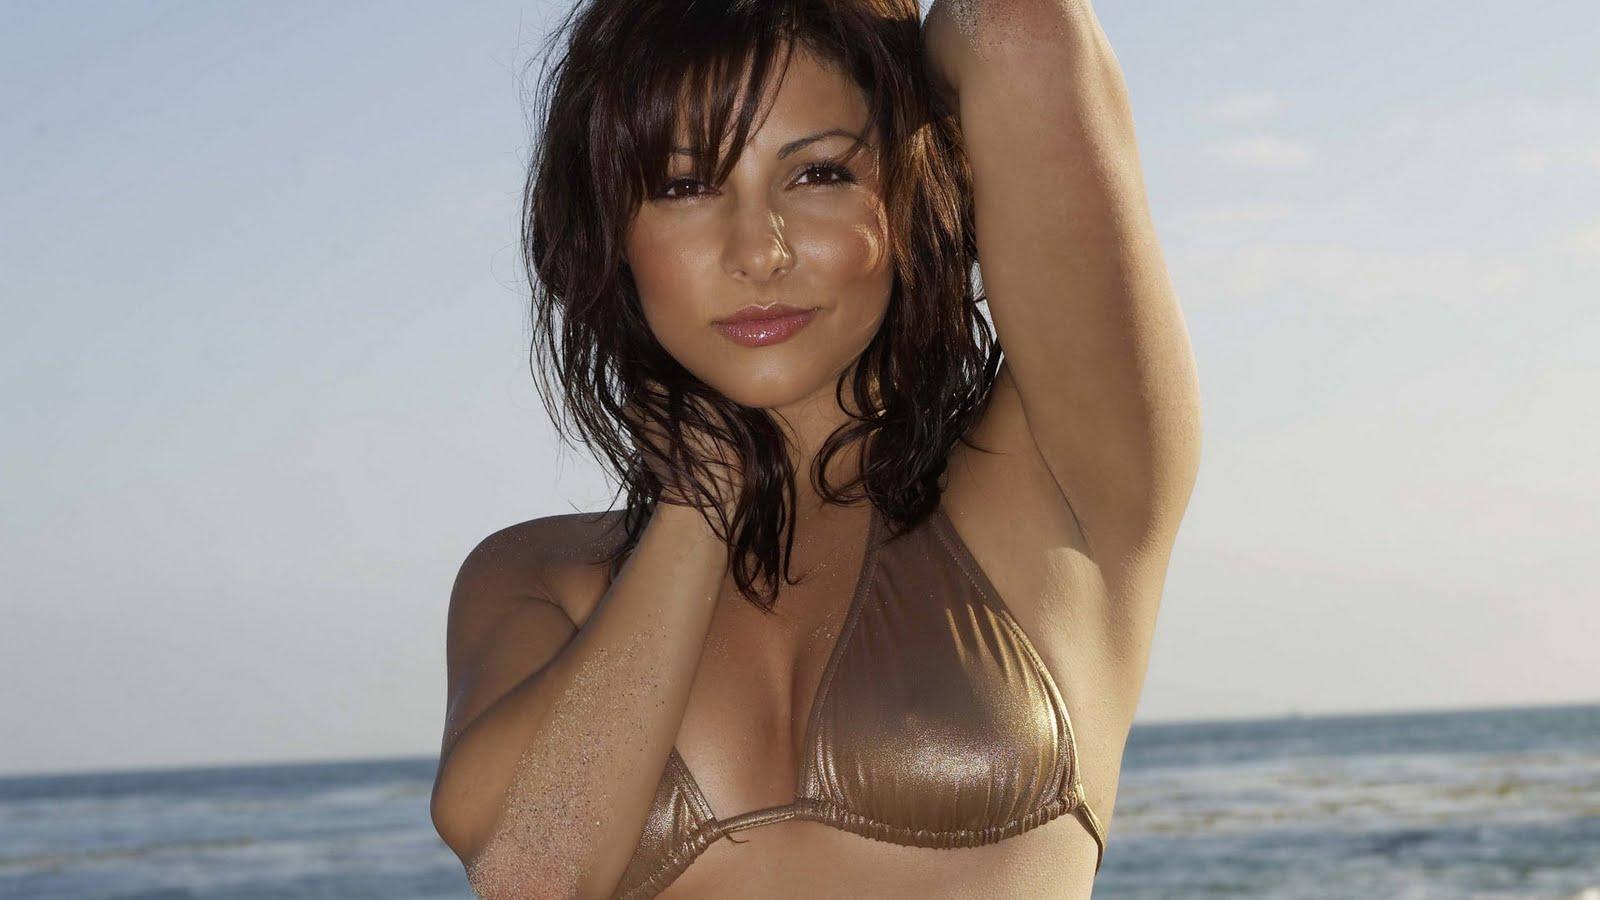 http://2.bp.blogspot.com/-HPU_PivOfvk/Te3UaZyPF5I/AAAAAAAAKlc/5dVJ5PuIhig/s1600/top-10-bikini-model-wallpaper%2B%2525281%252529.JPG